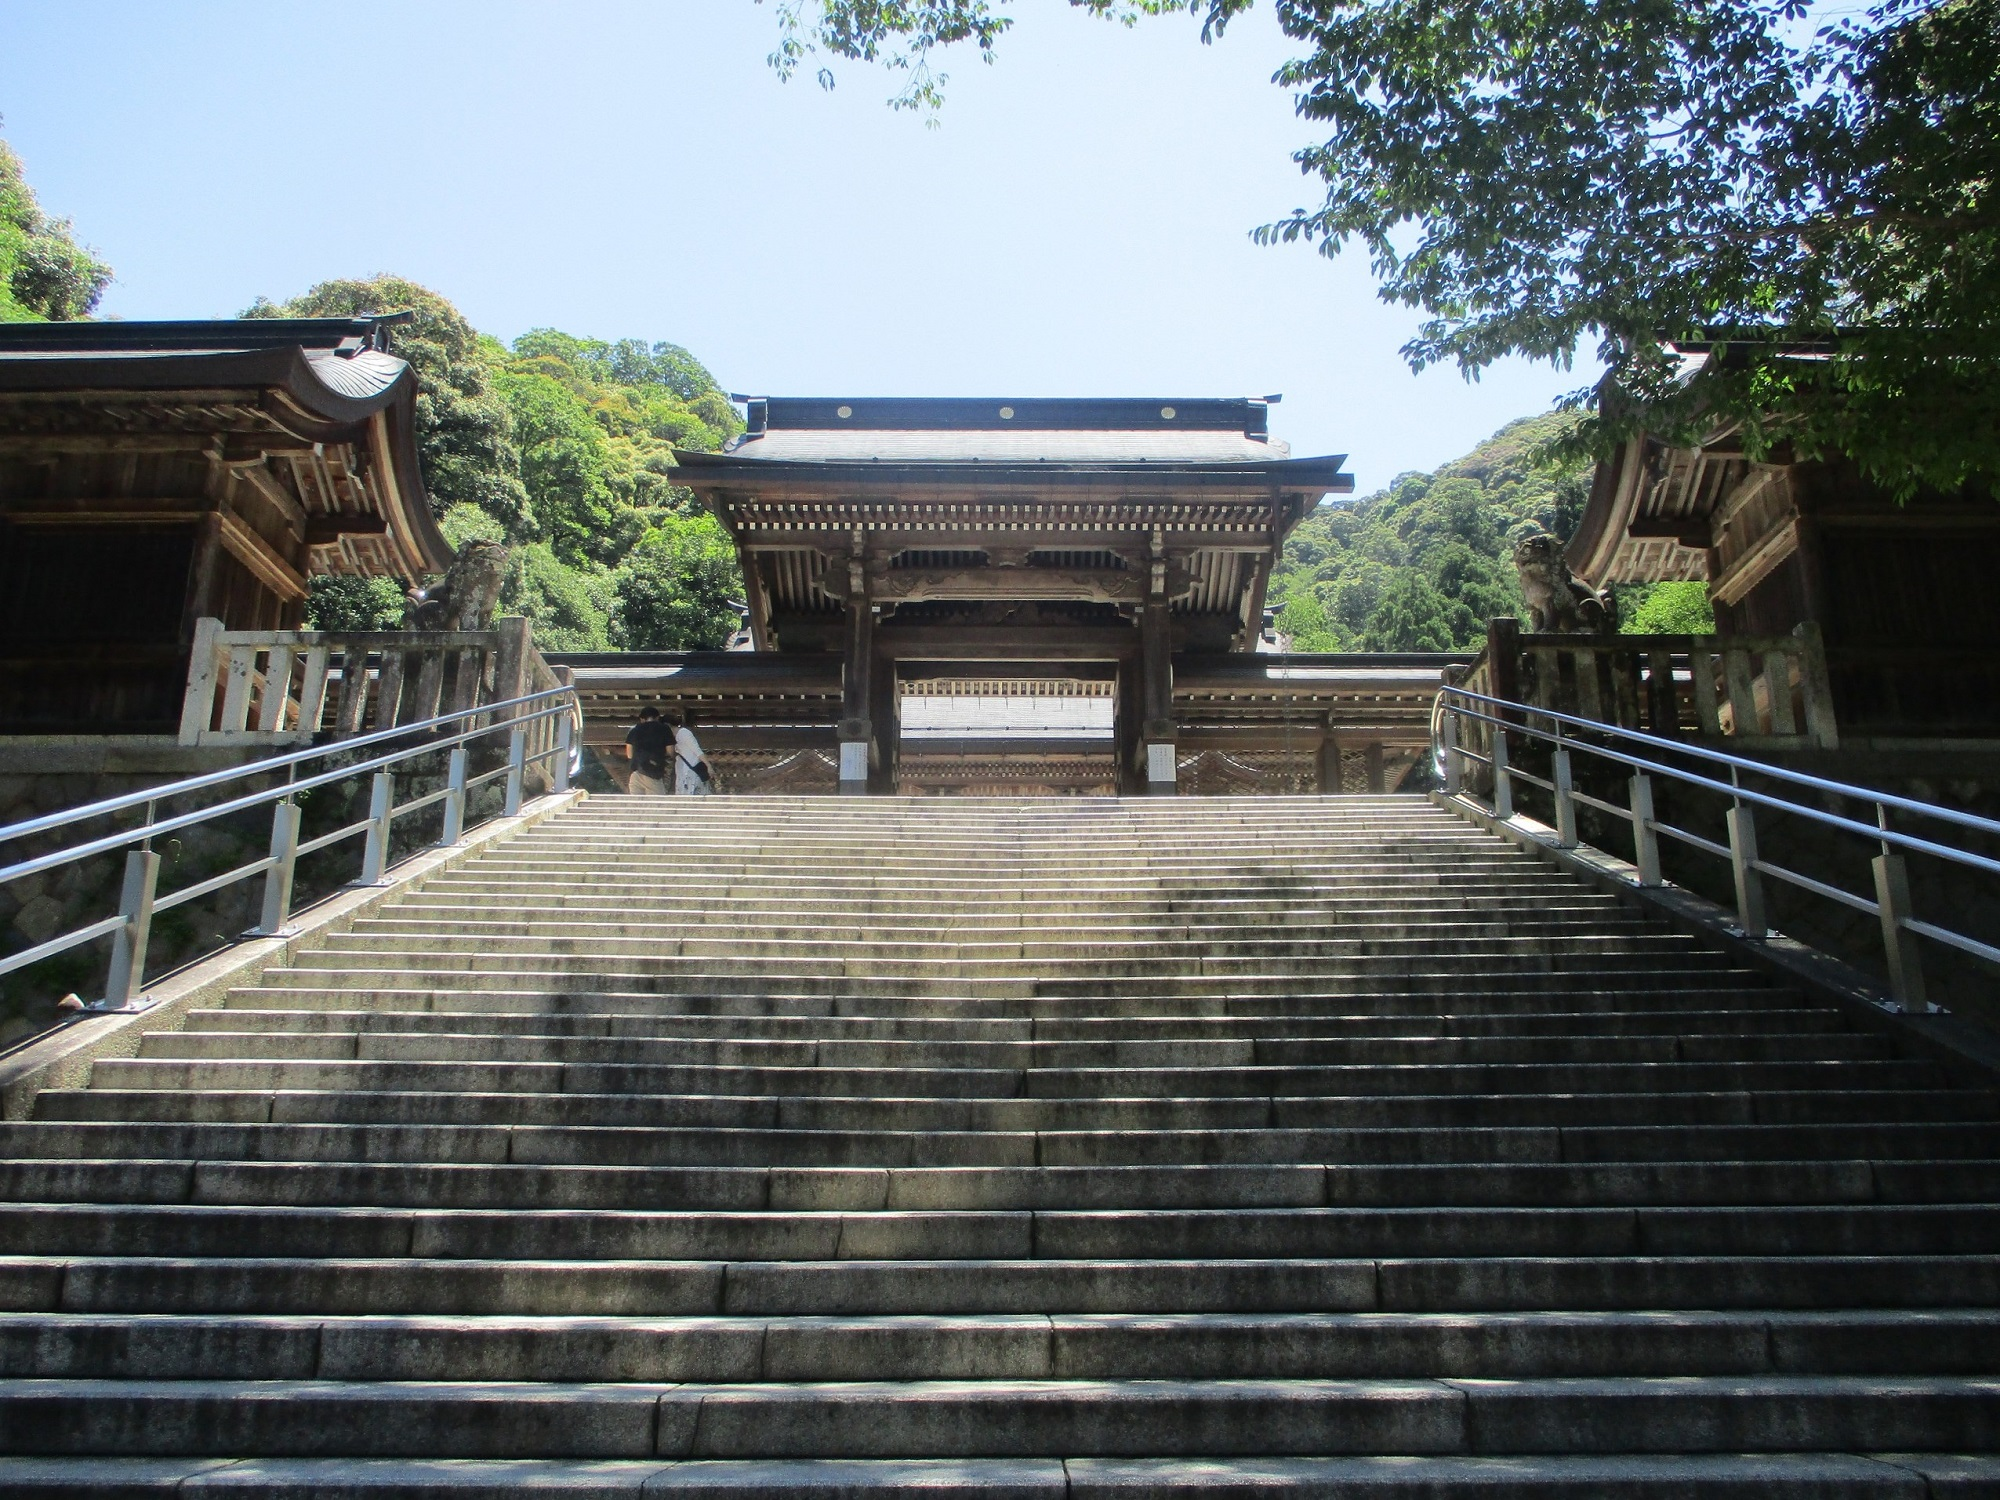 2020.6.7 (8) 伊奈波神社 - 中門 2000-1500